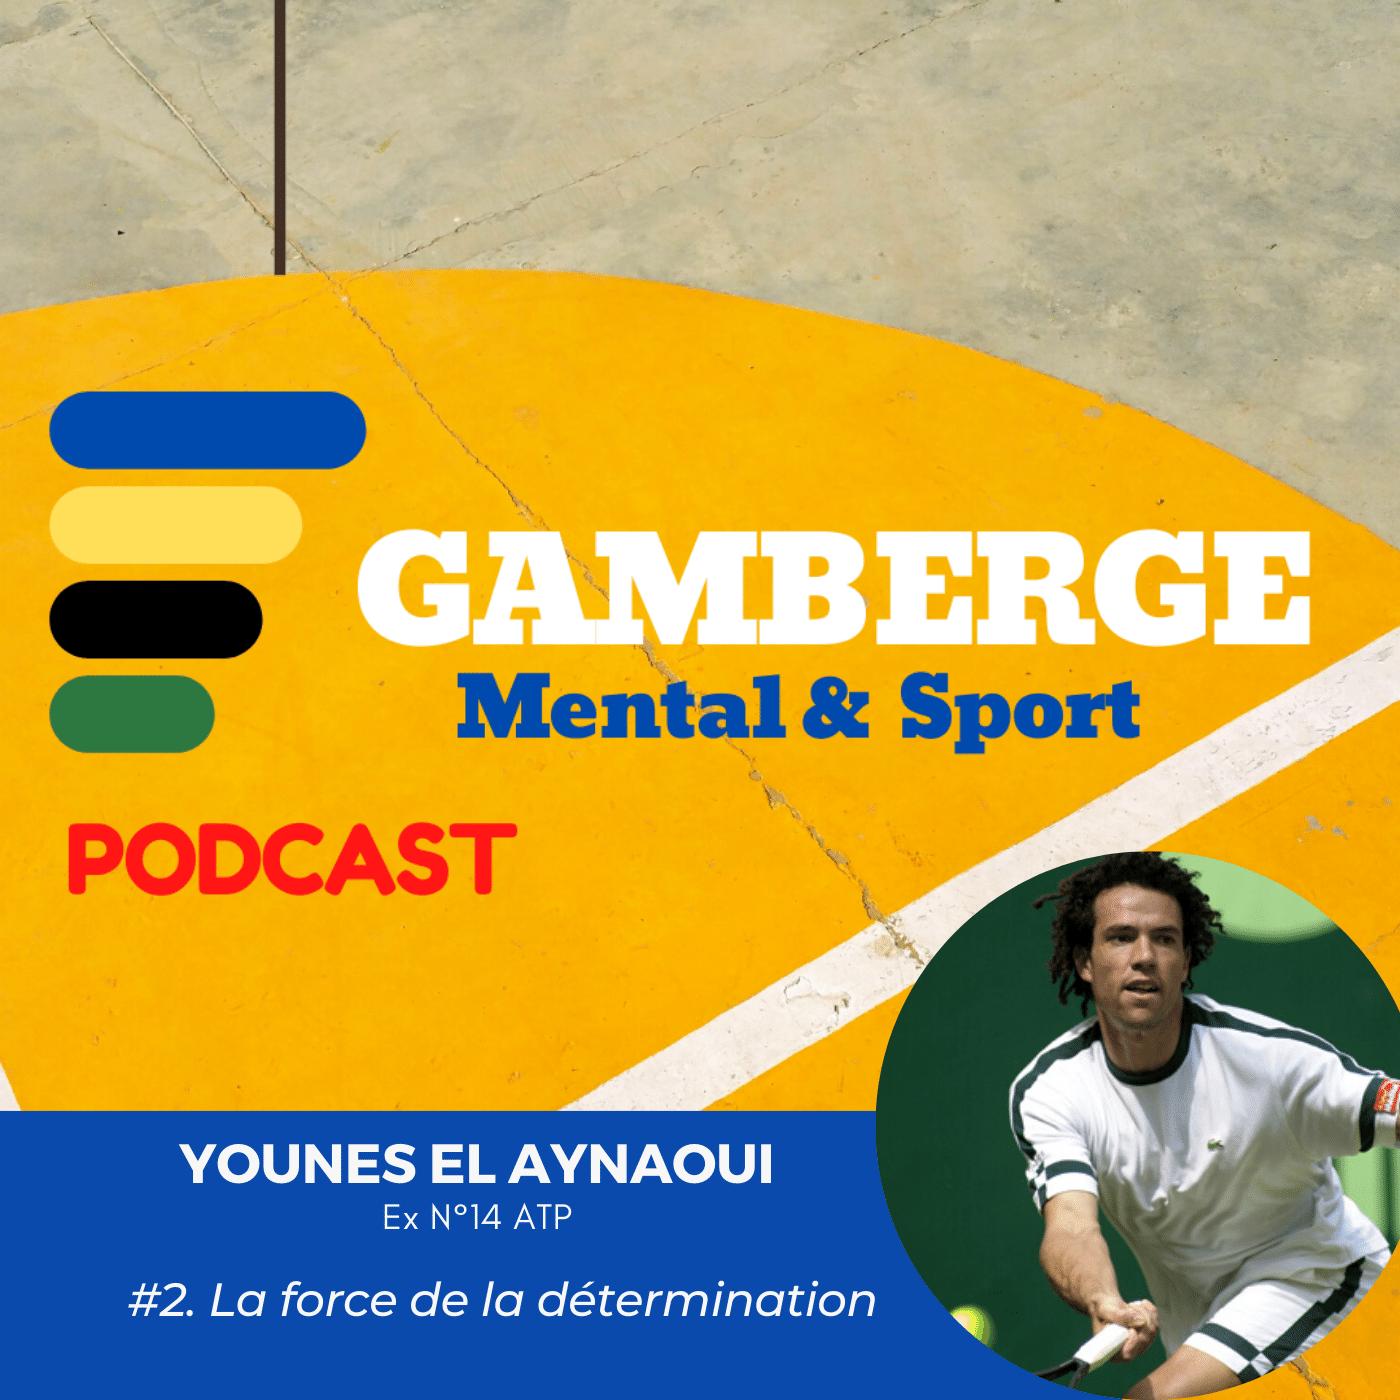 gamberge_podcast_younes_elayanoui3